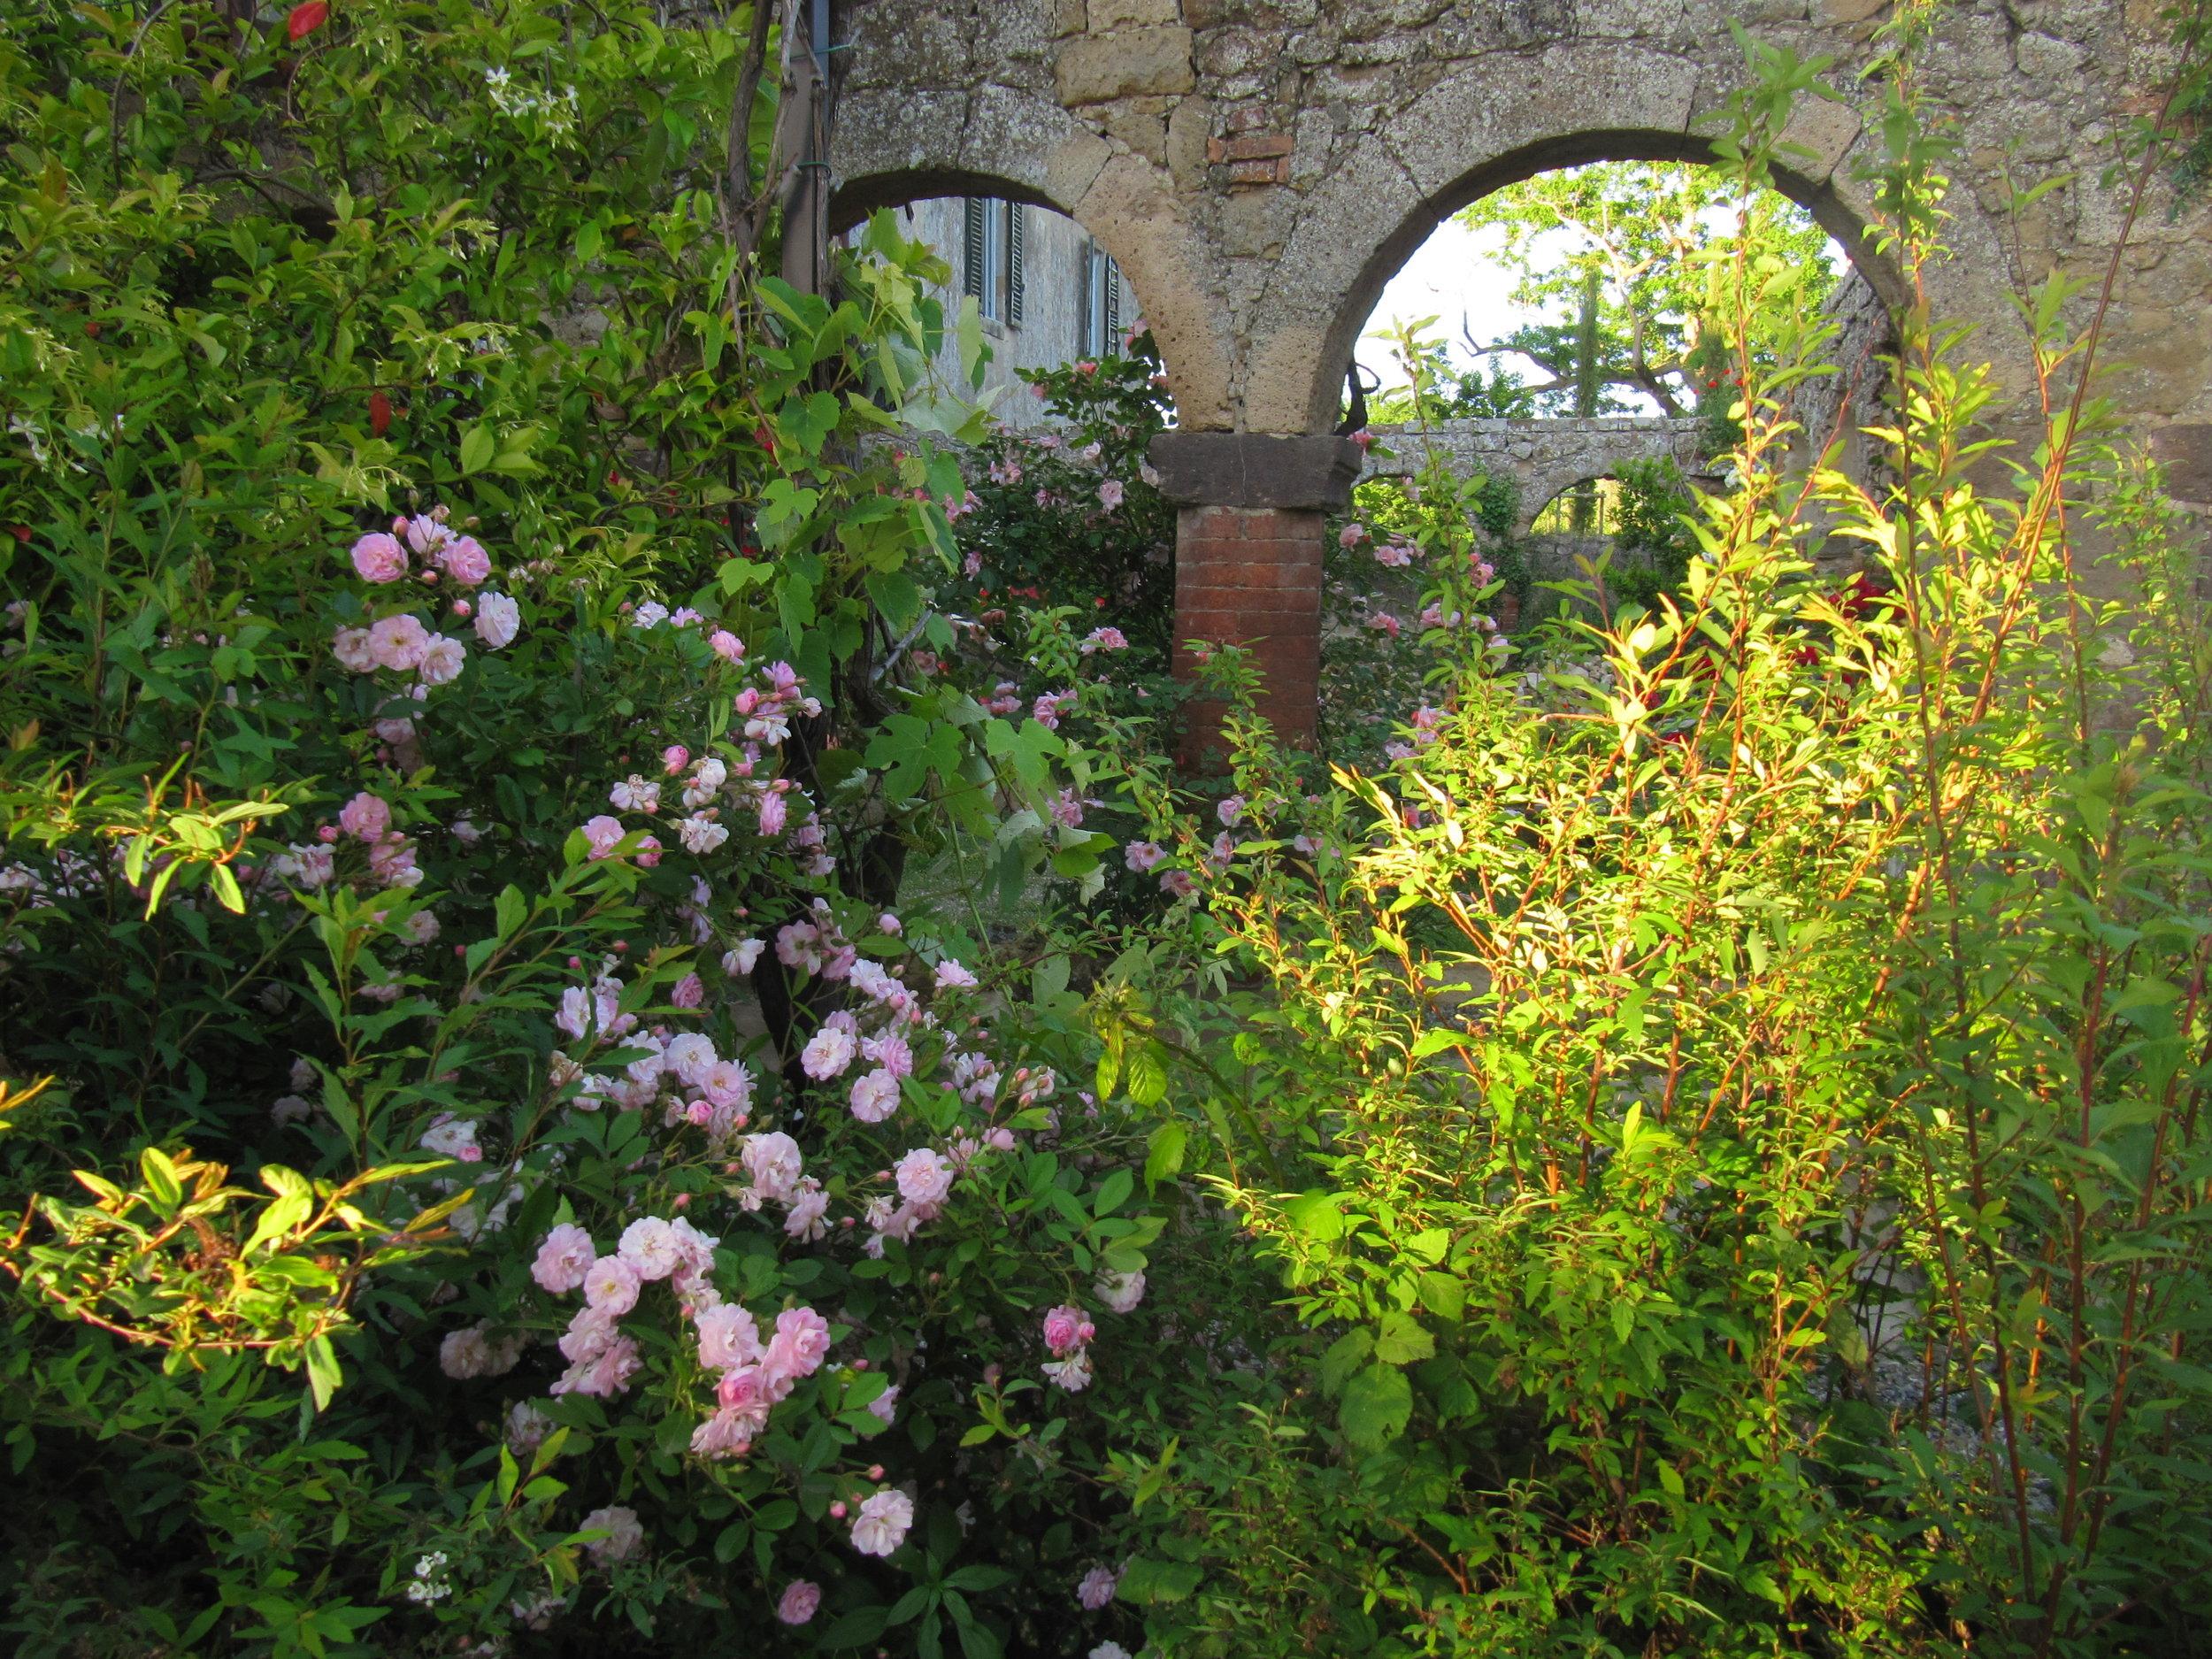 Garden Venetia - 1 of 38 (17).jpg